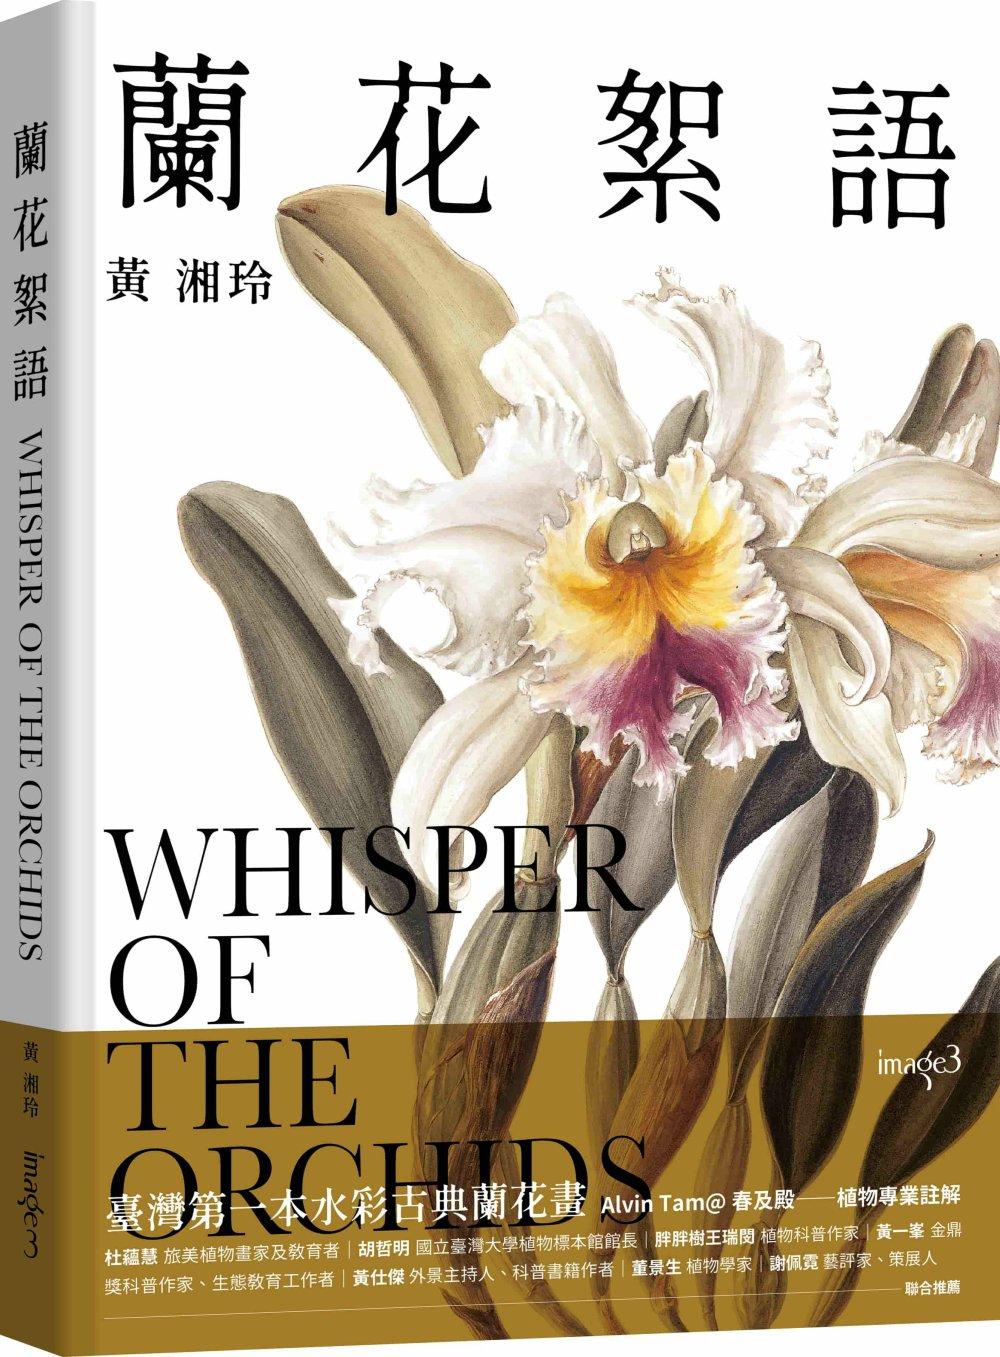 蘭花絮語 Whisper of...